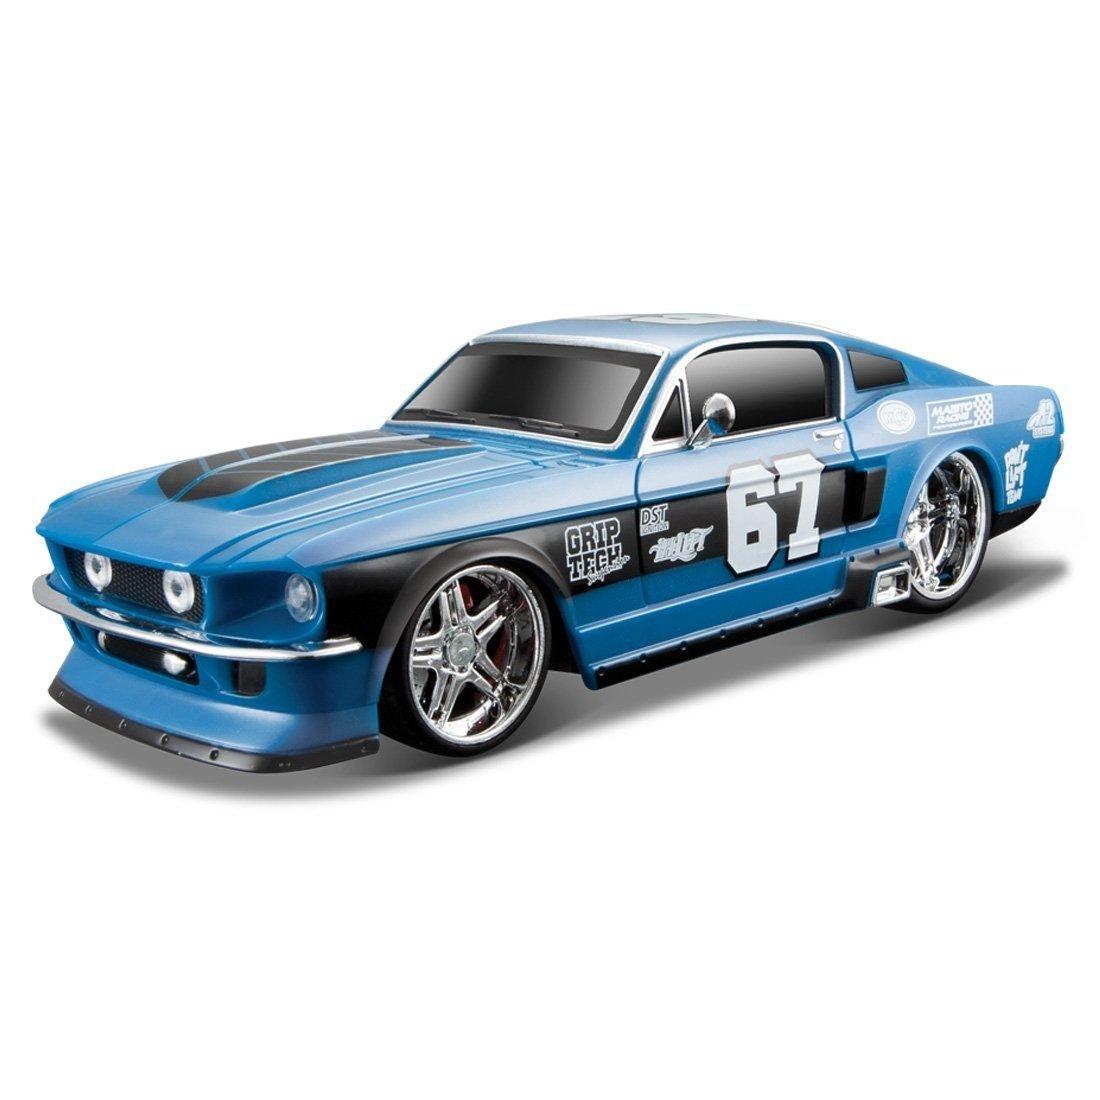 Masinuta Maisto MotoSounds Ford Mustang GT1967, 1:24